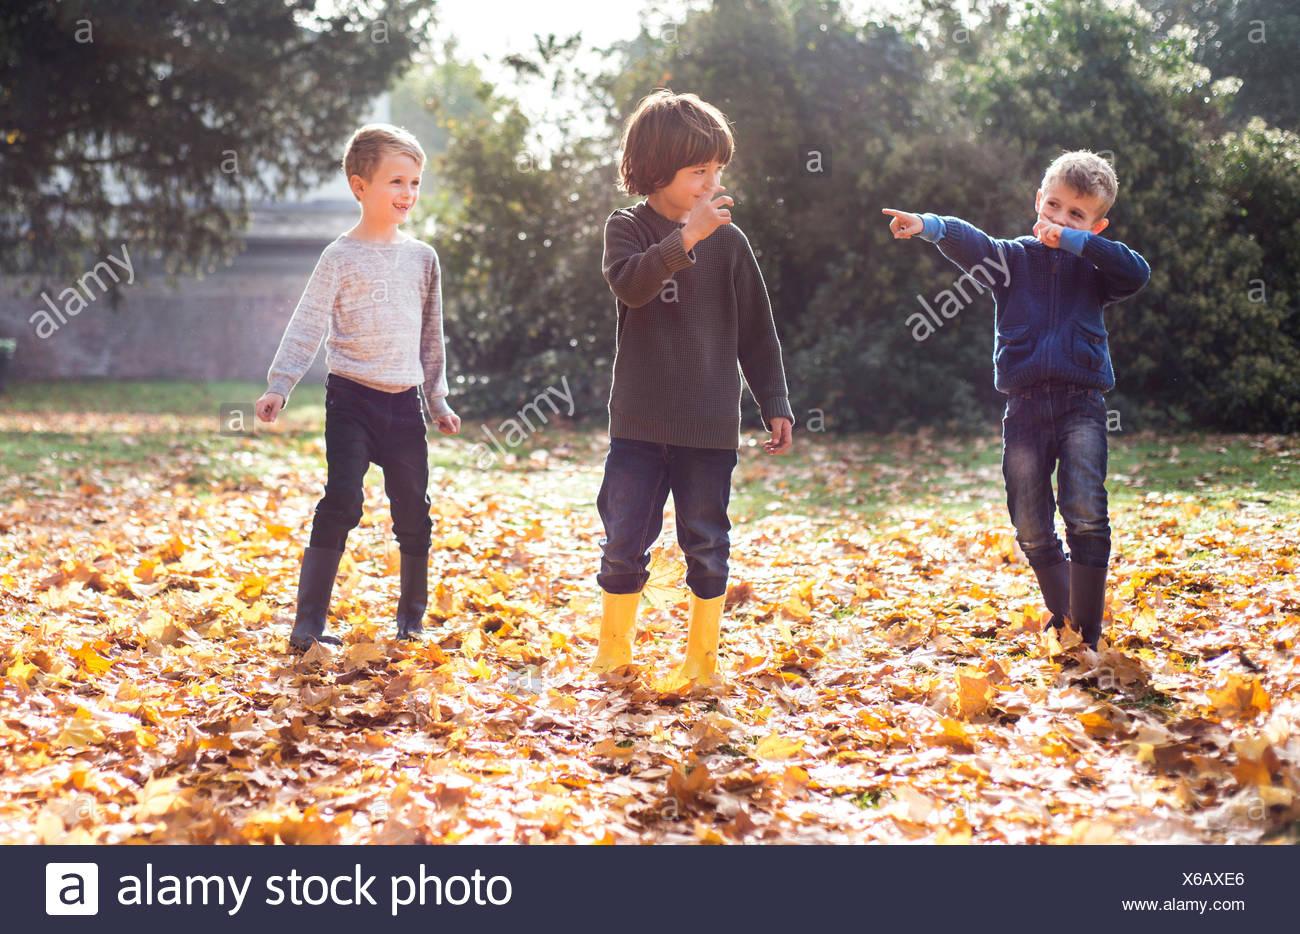 Drei jungen spielen im Freien, im Herbstlaub Stockbild